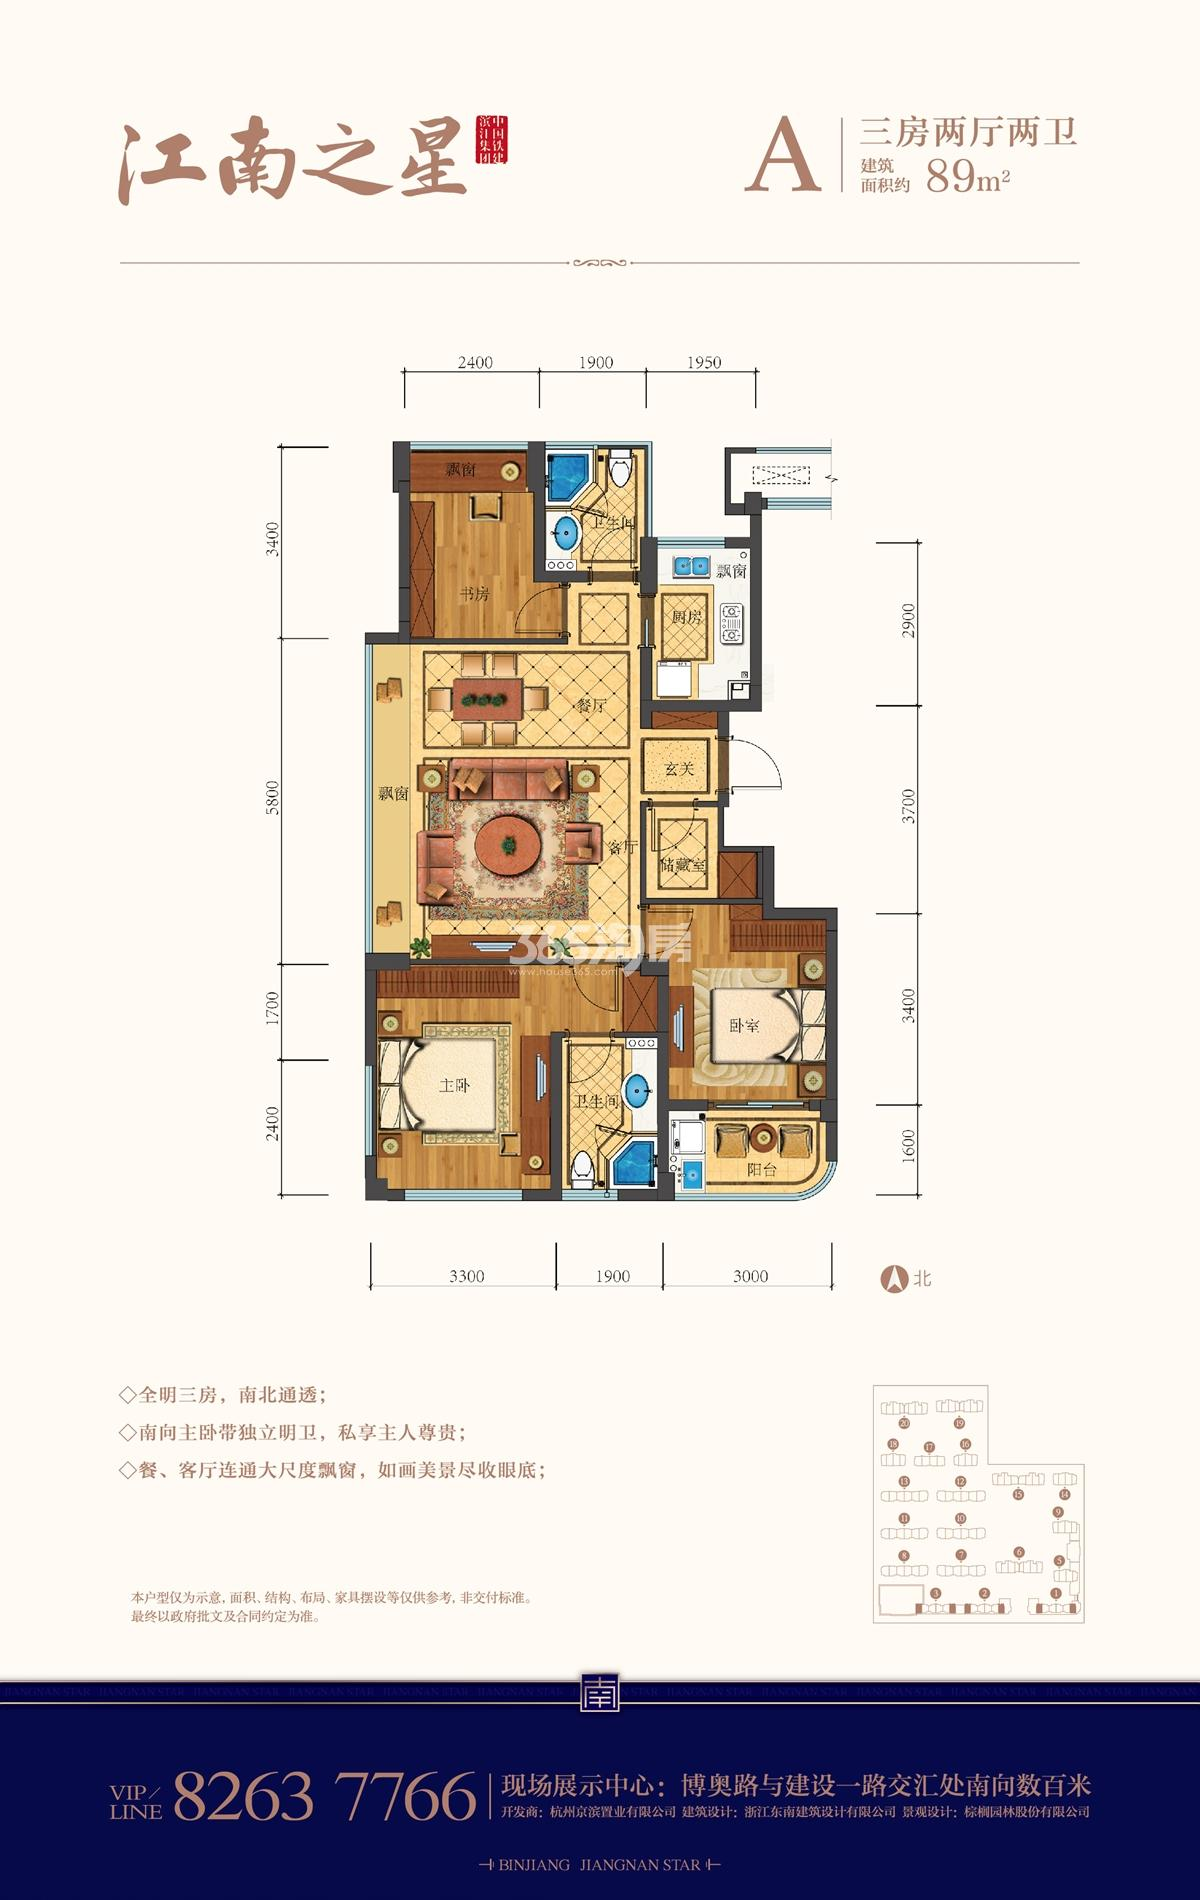 滨江江南之星A户型89方(1、2、3号楼)